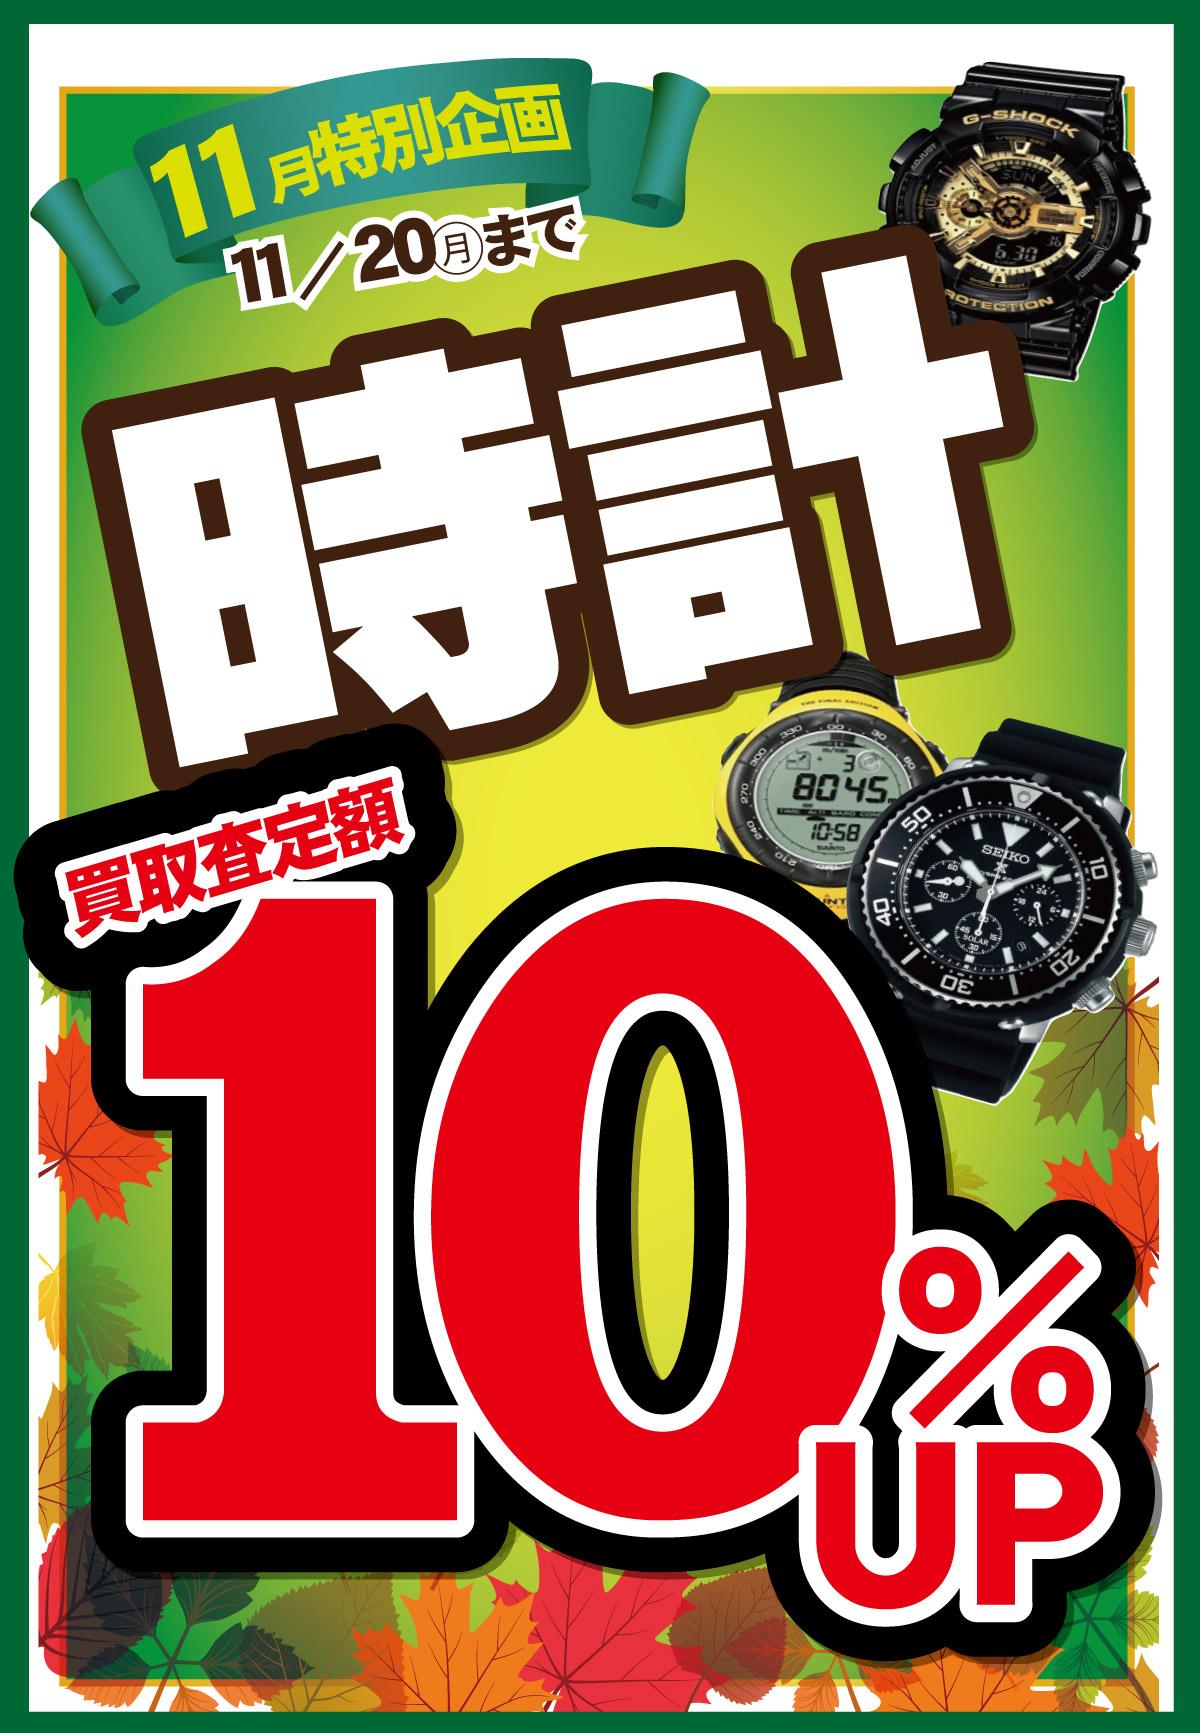 「開放倉庫山城店」古着館<11月特別企画11/20(月)まで>買取査定額10%UP!